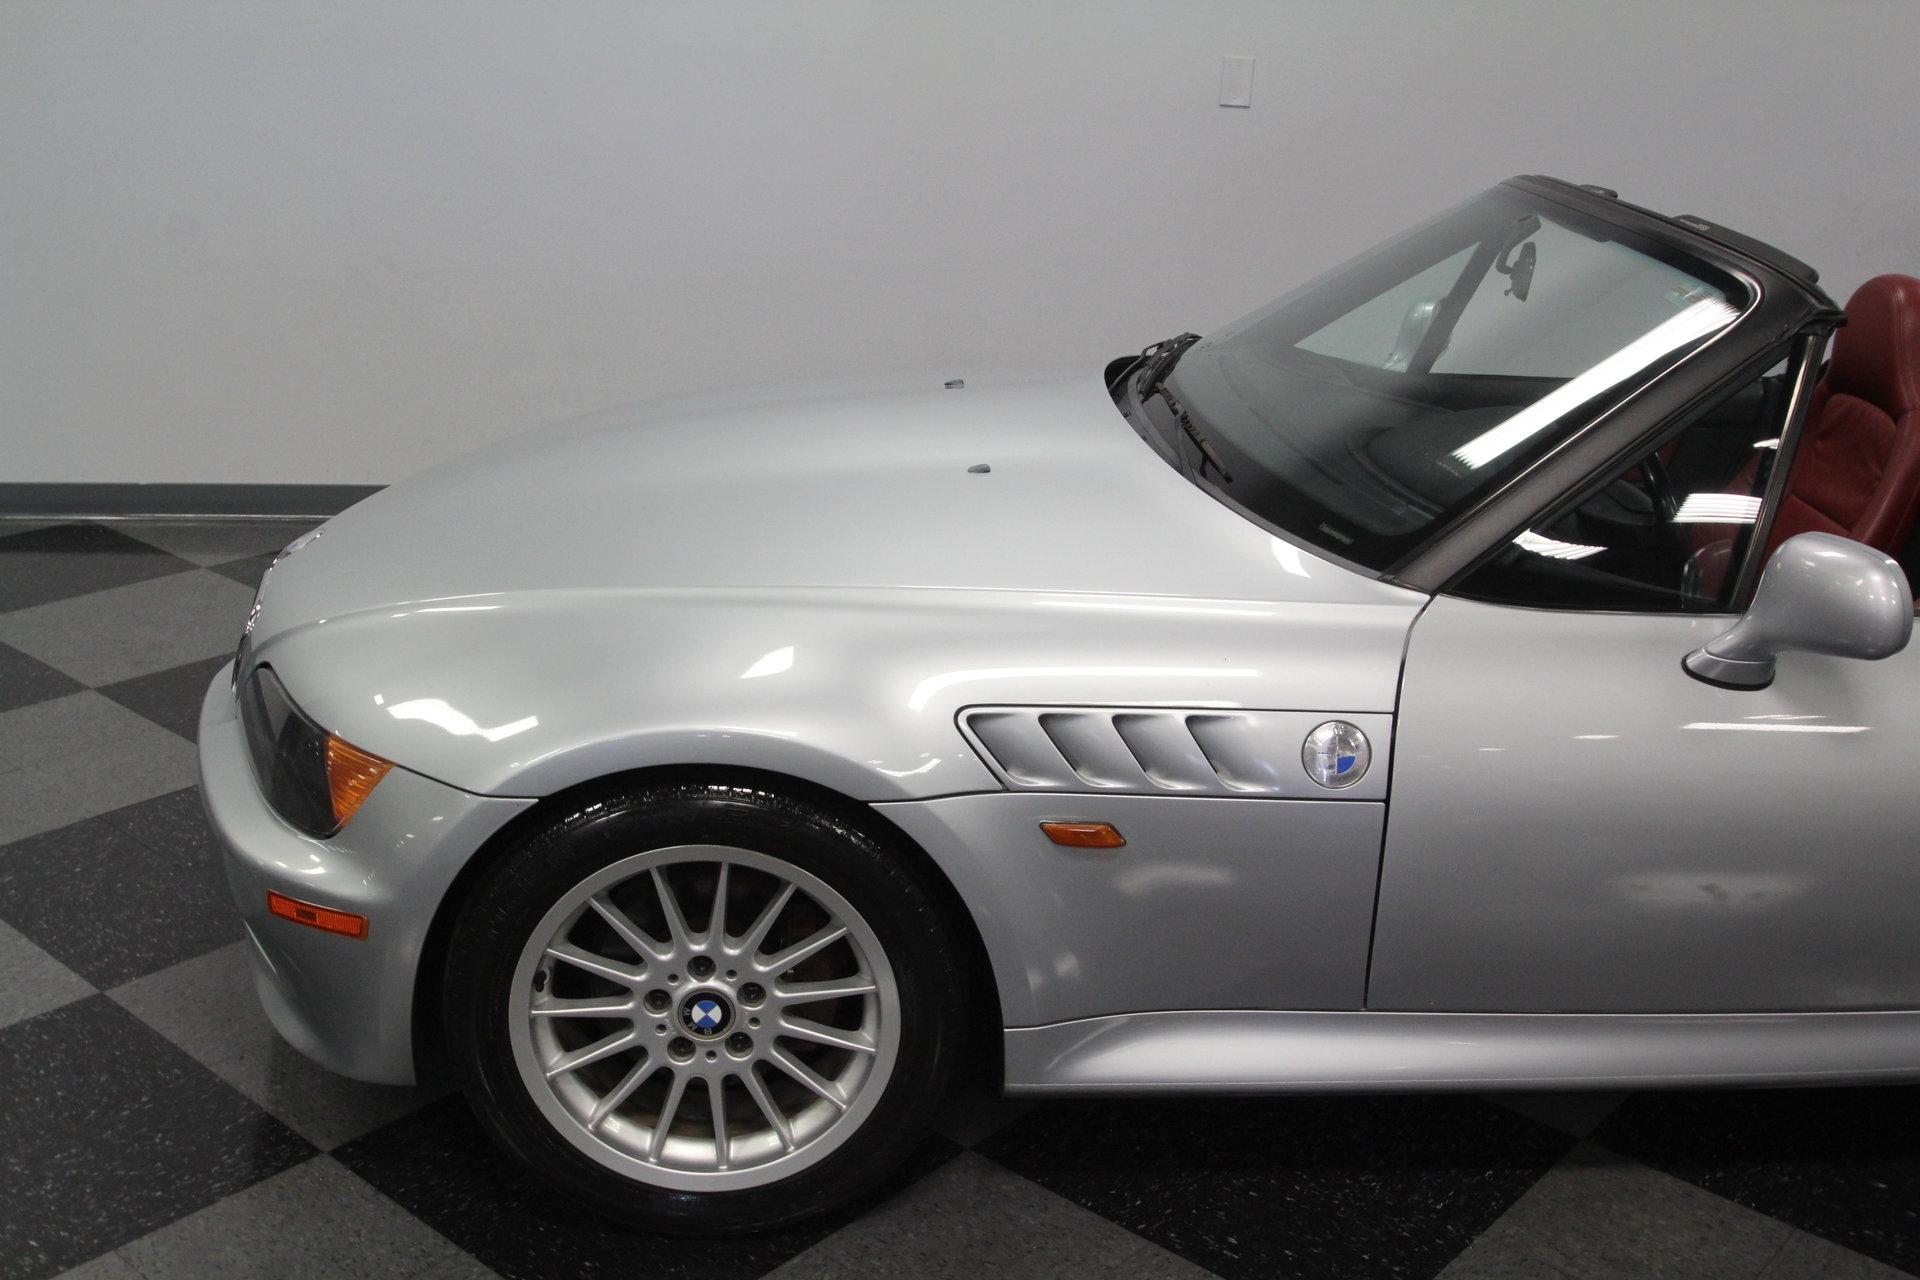 1996 Bmw Z3 For Sale 101199 Mcg